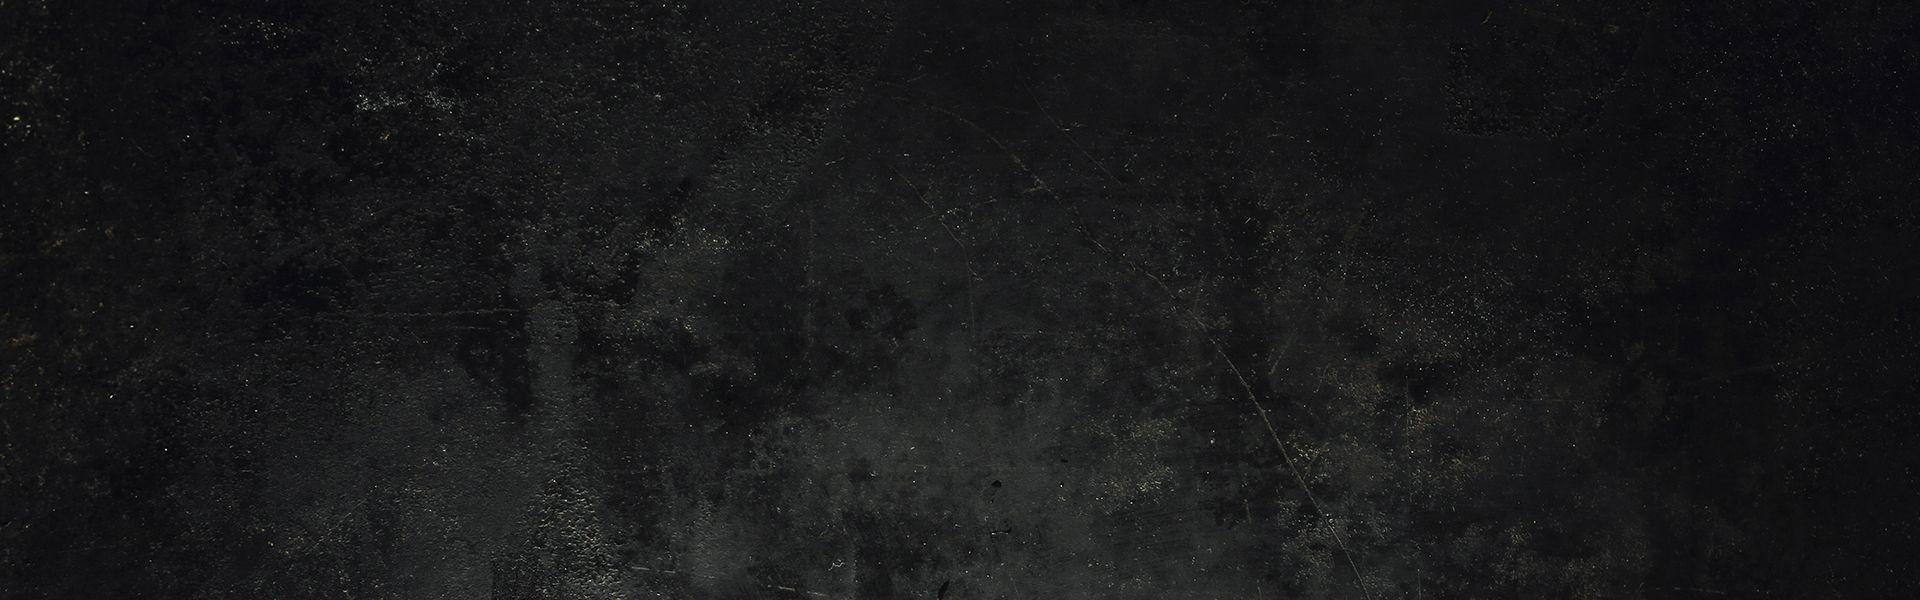 Сучасні вуличні пристрої відеоспостереження | Охоронне агентство в Києві | Охоронна компанія Тор-безпека